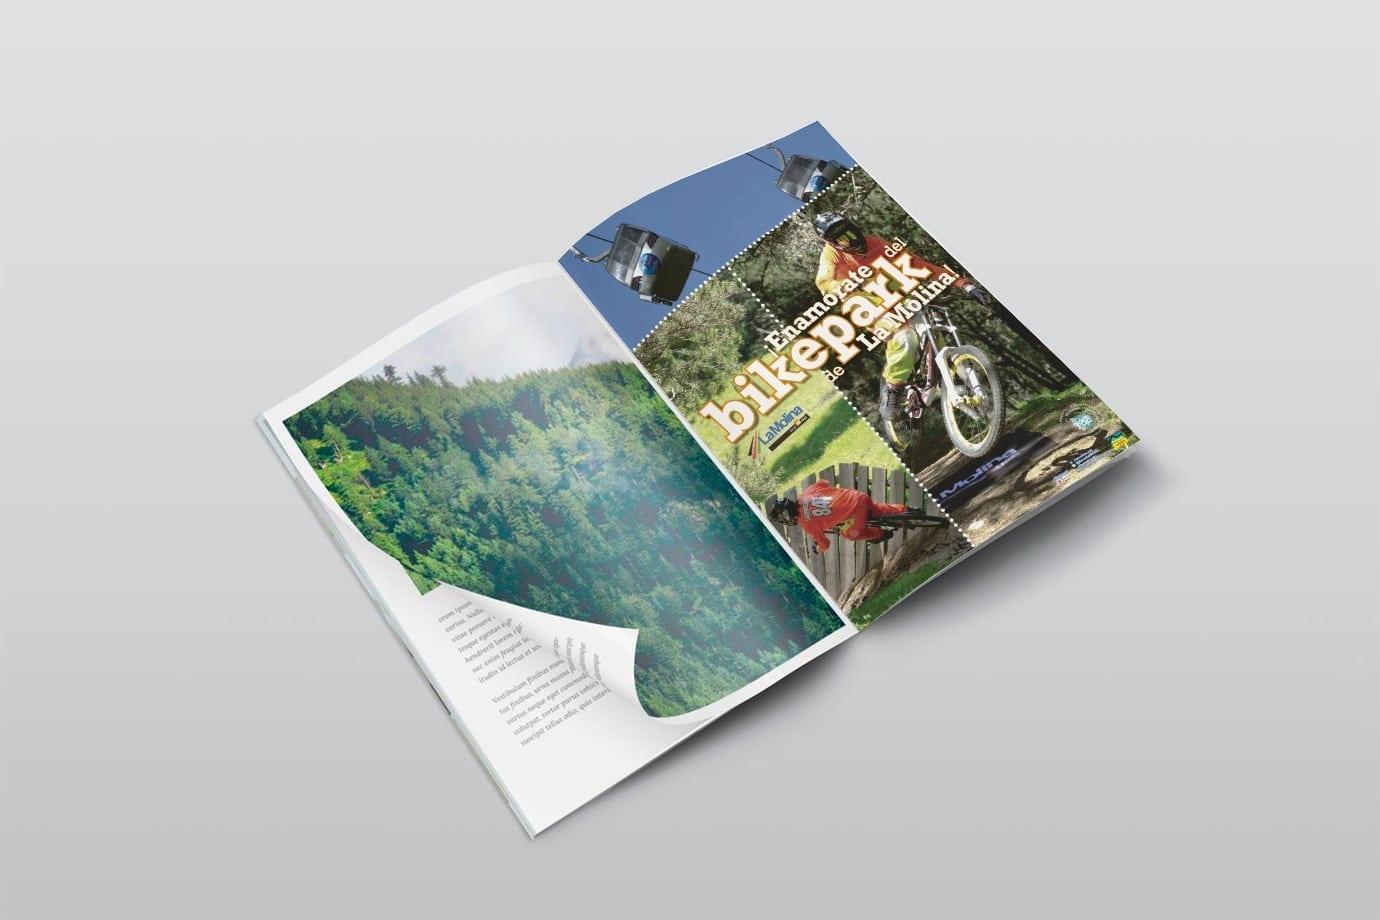 isometric-magazine-mockup-2-images